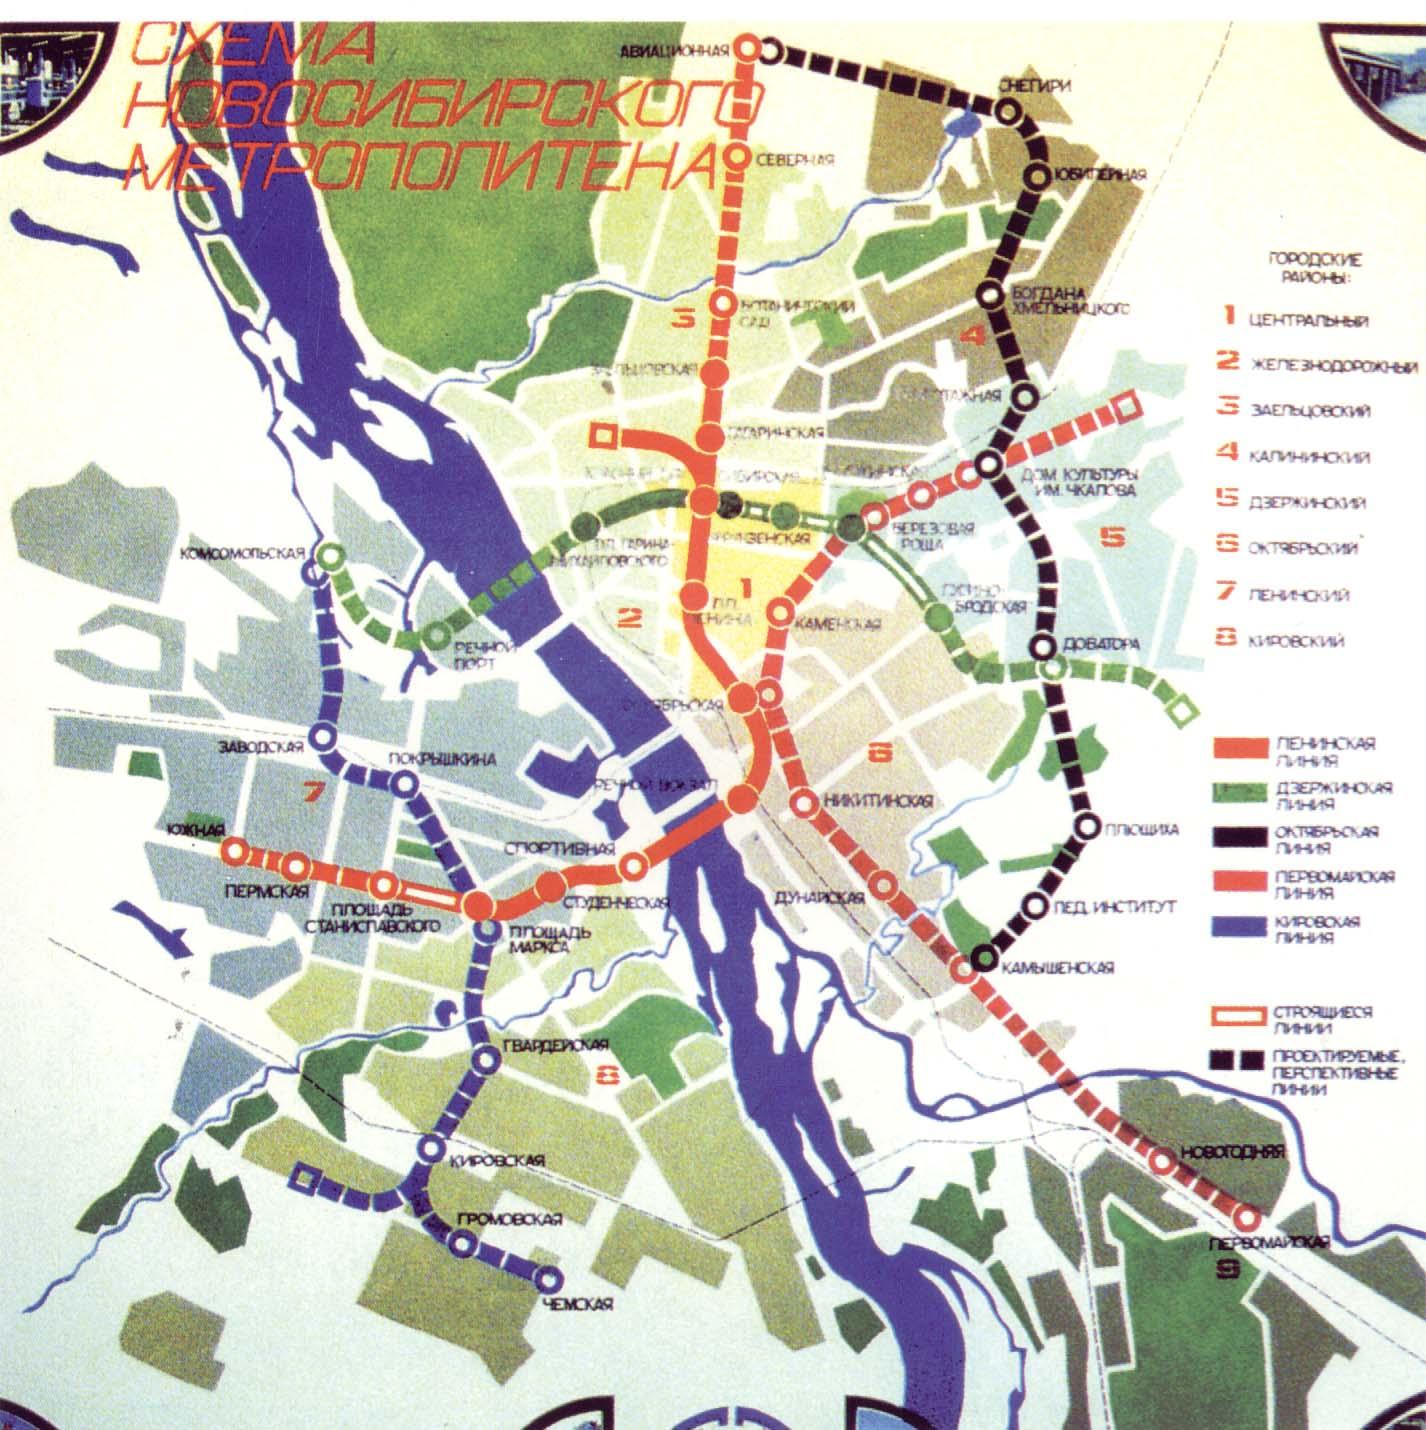 Новосибирцы.  А вы знаете, что наше метро должно быть вот такое?